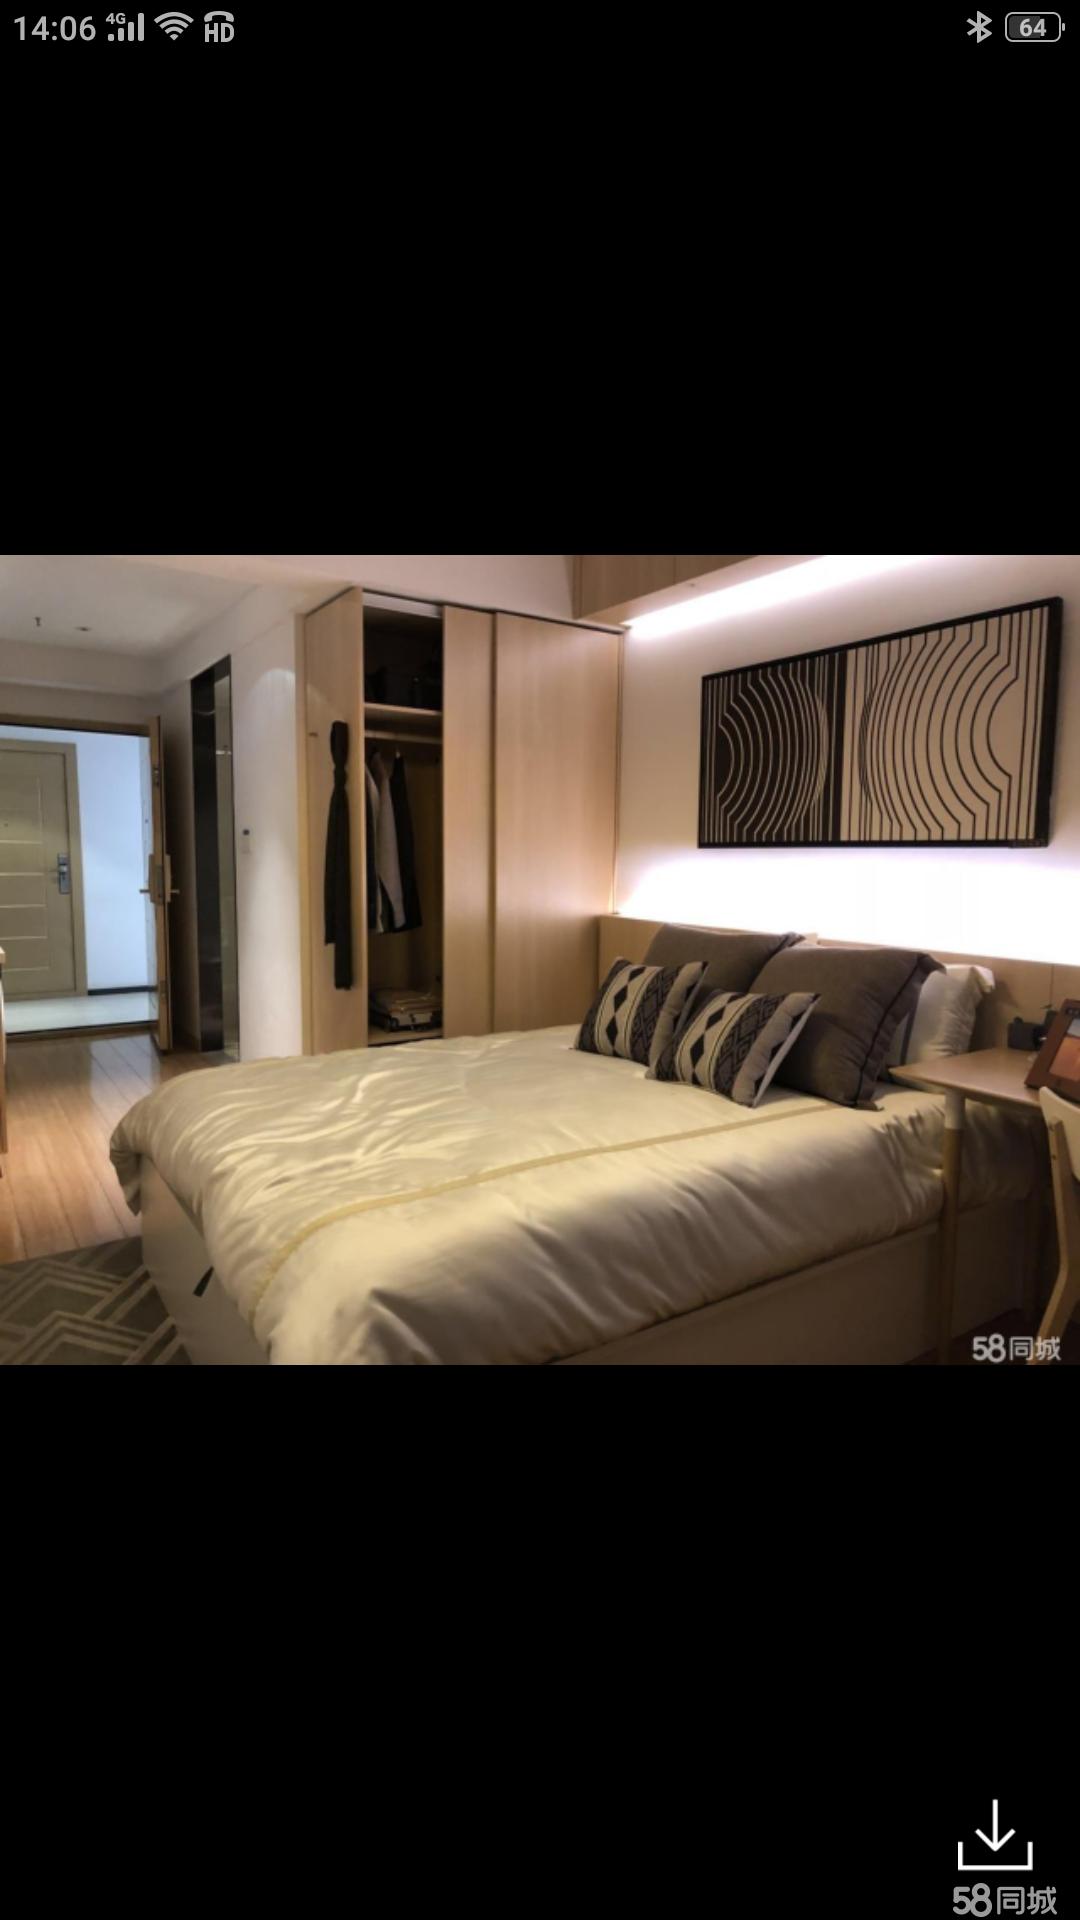 急售苏宁紫金嘉悦公寓